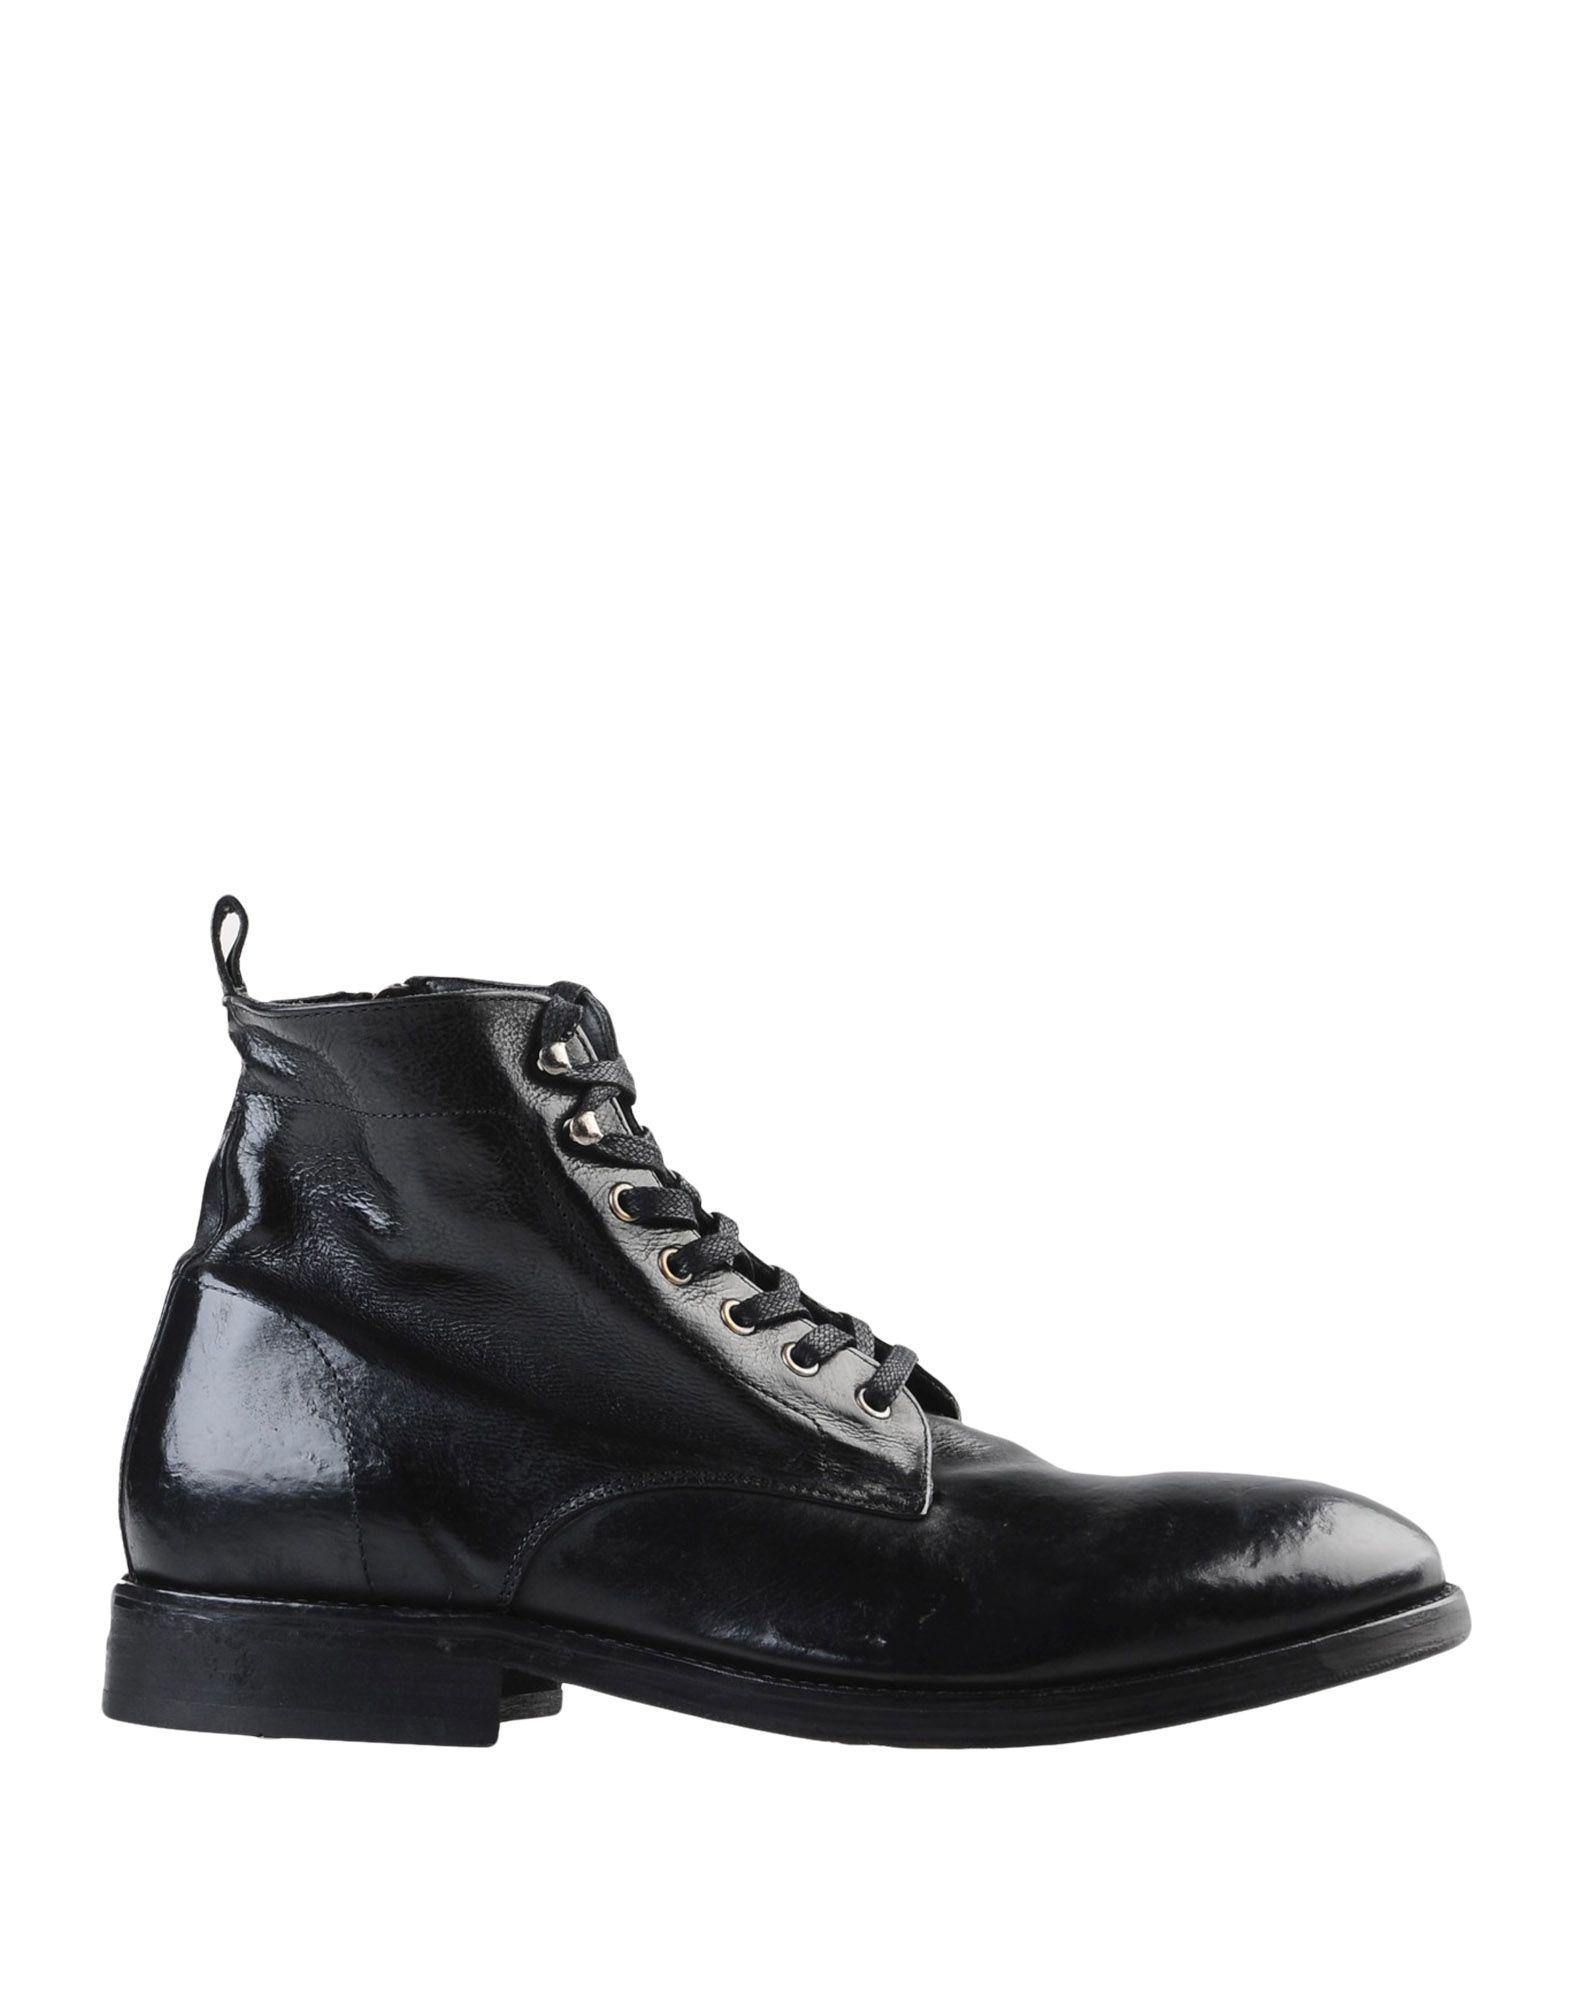 HUDSON Полусапоги и высокие ботинки h by hudson полусапоги и высокие ботинки